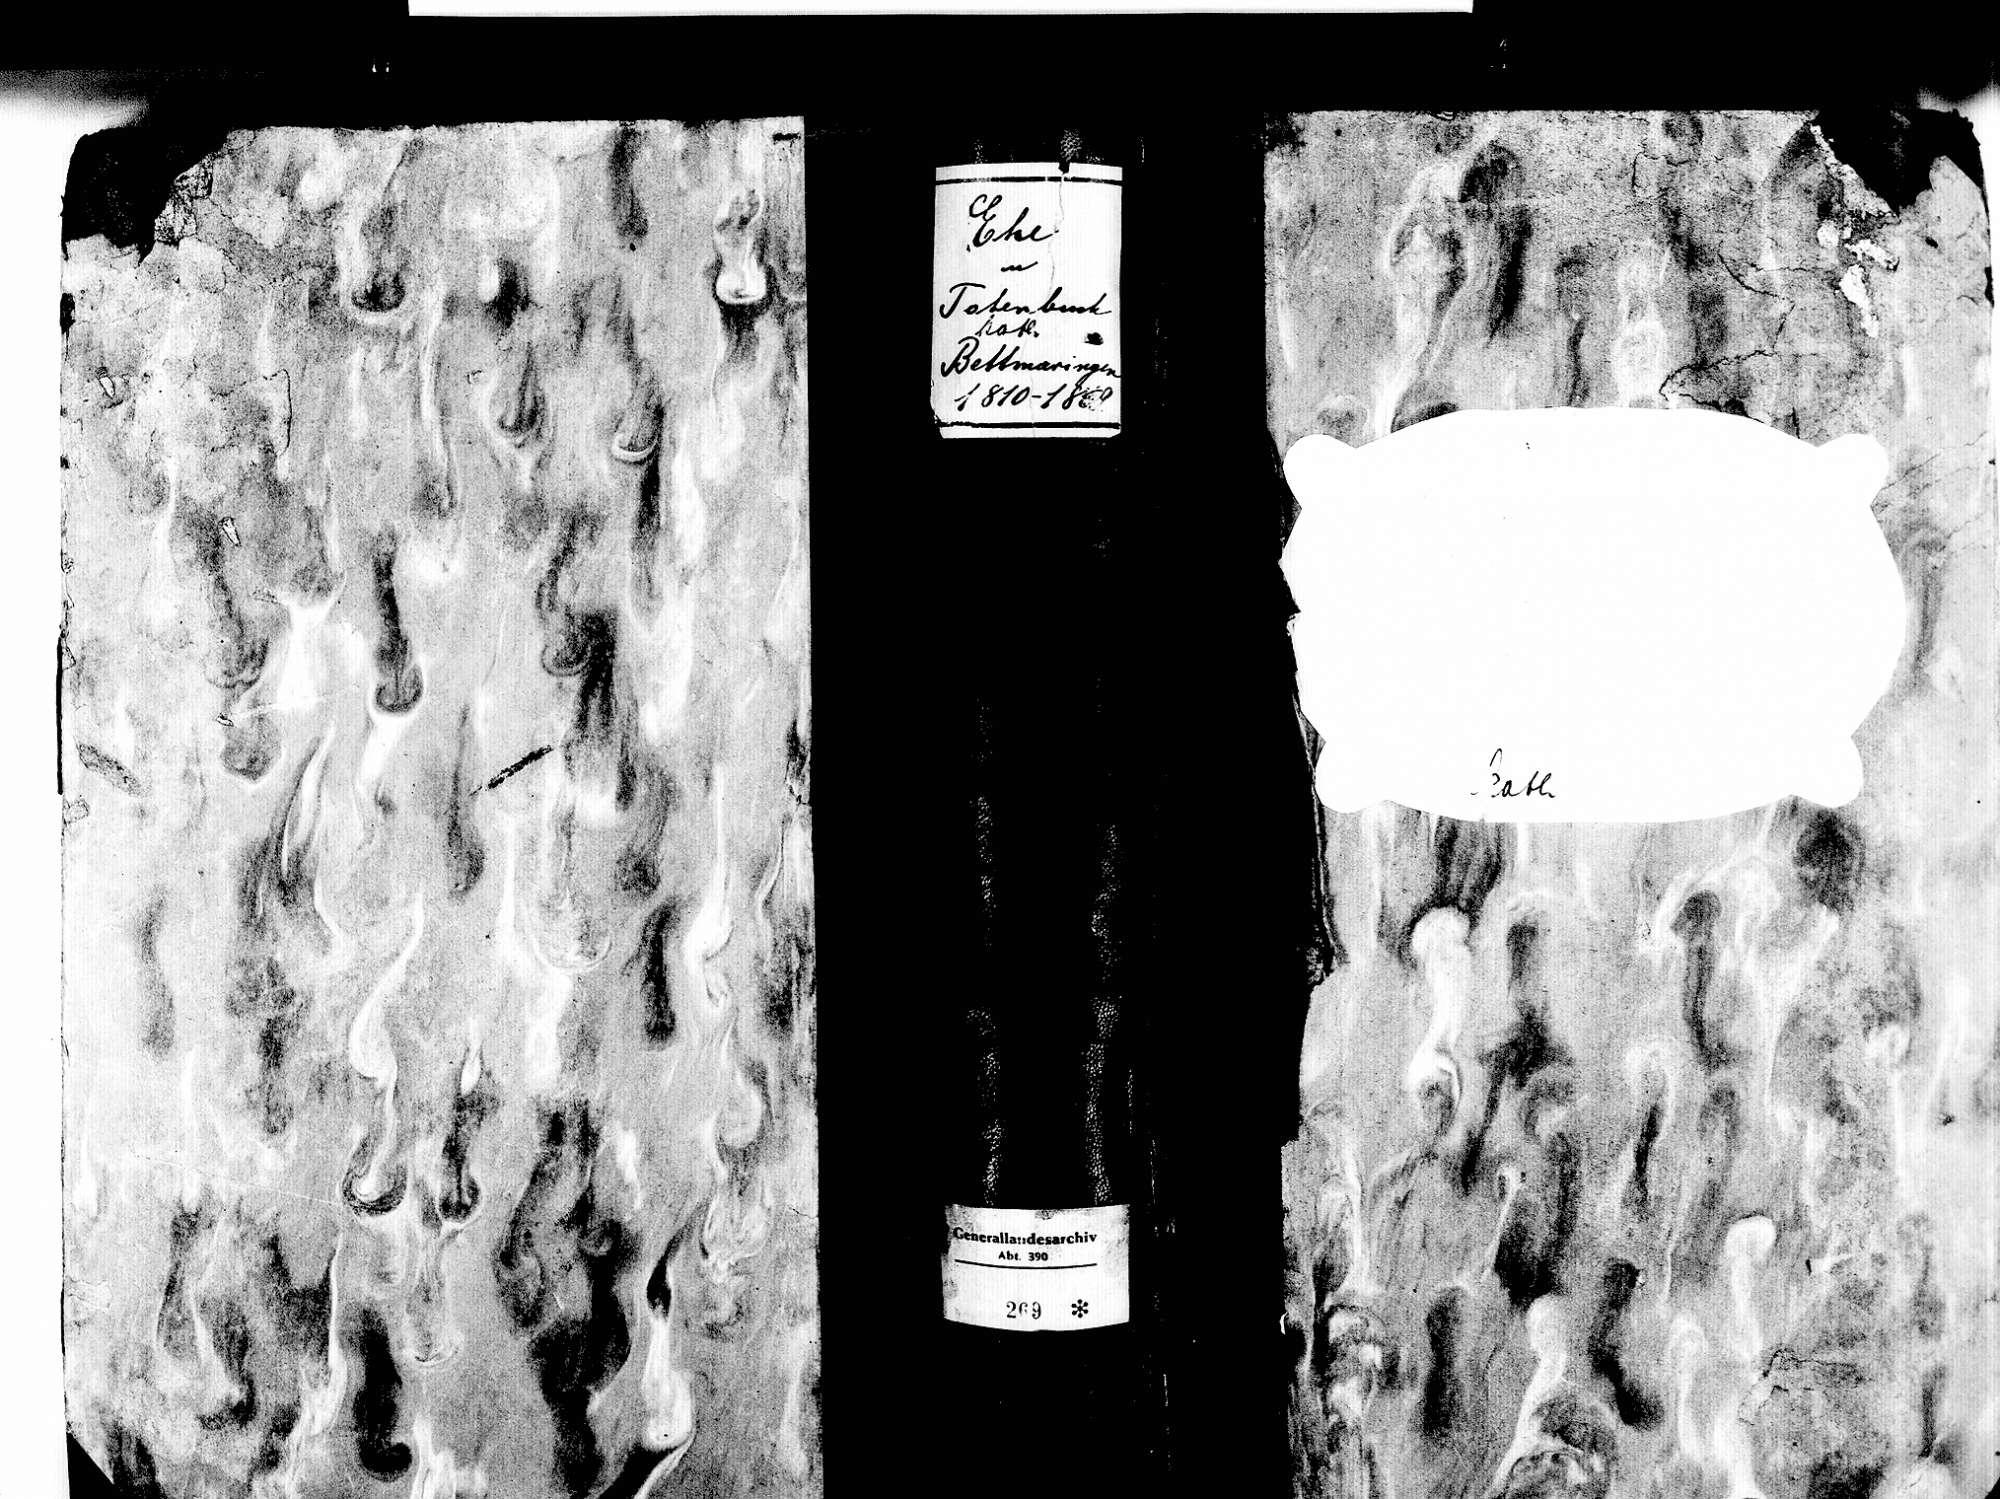 Bettmaringen, Stühlingen WT; Katholische Gemeinde: Sterbebuch 1810-1869, Bild 1